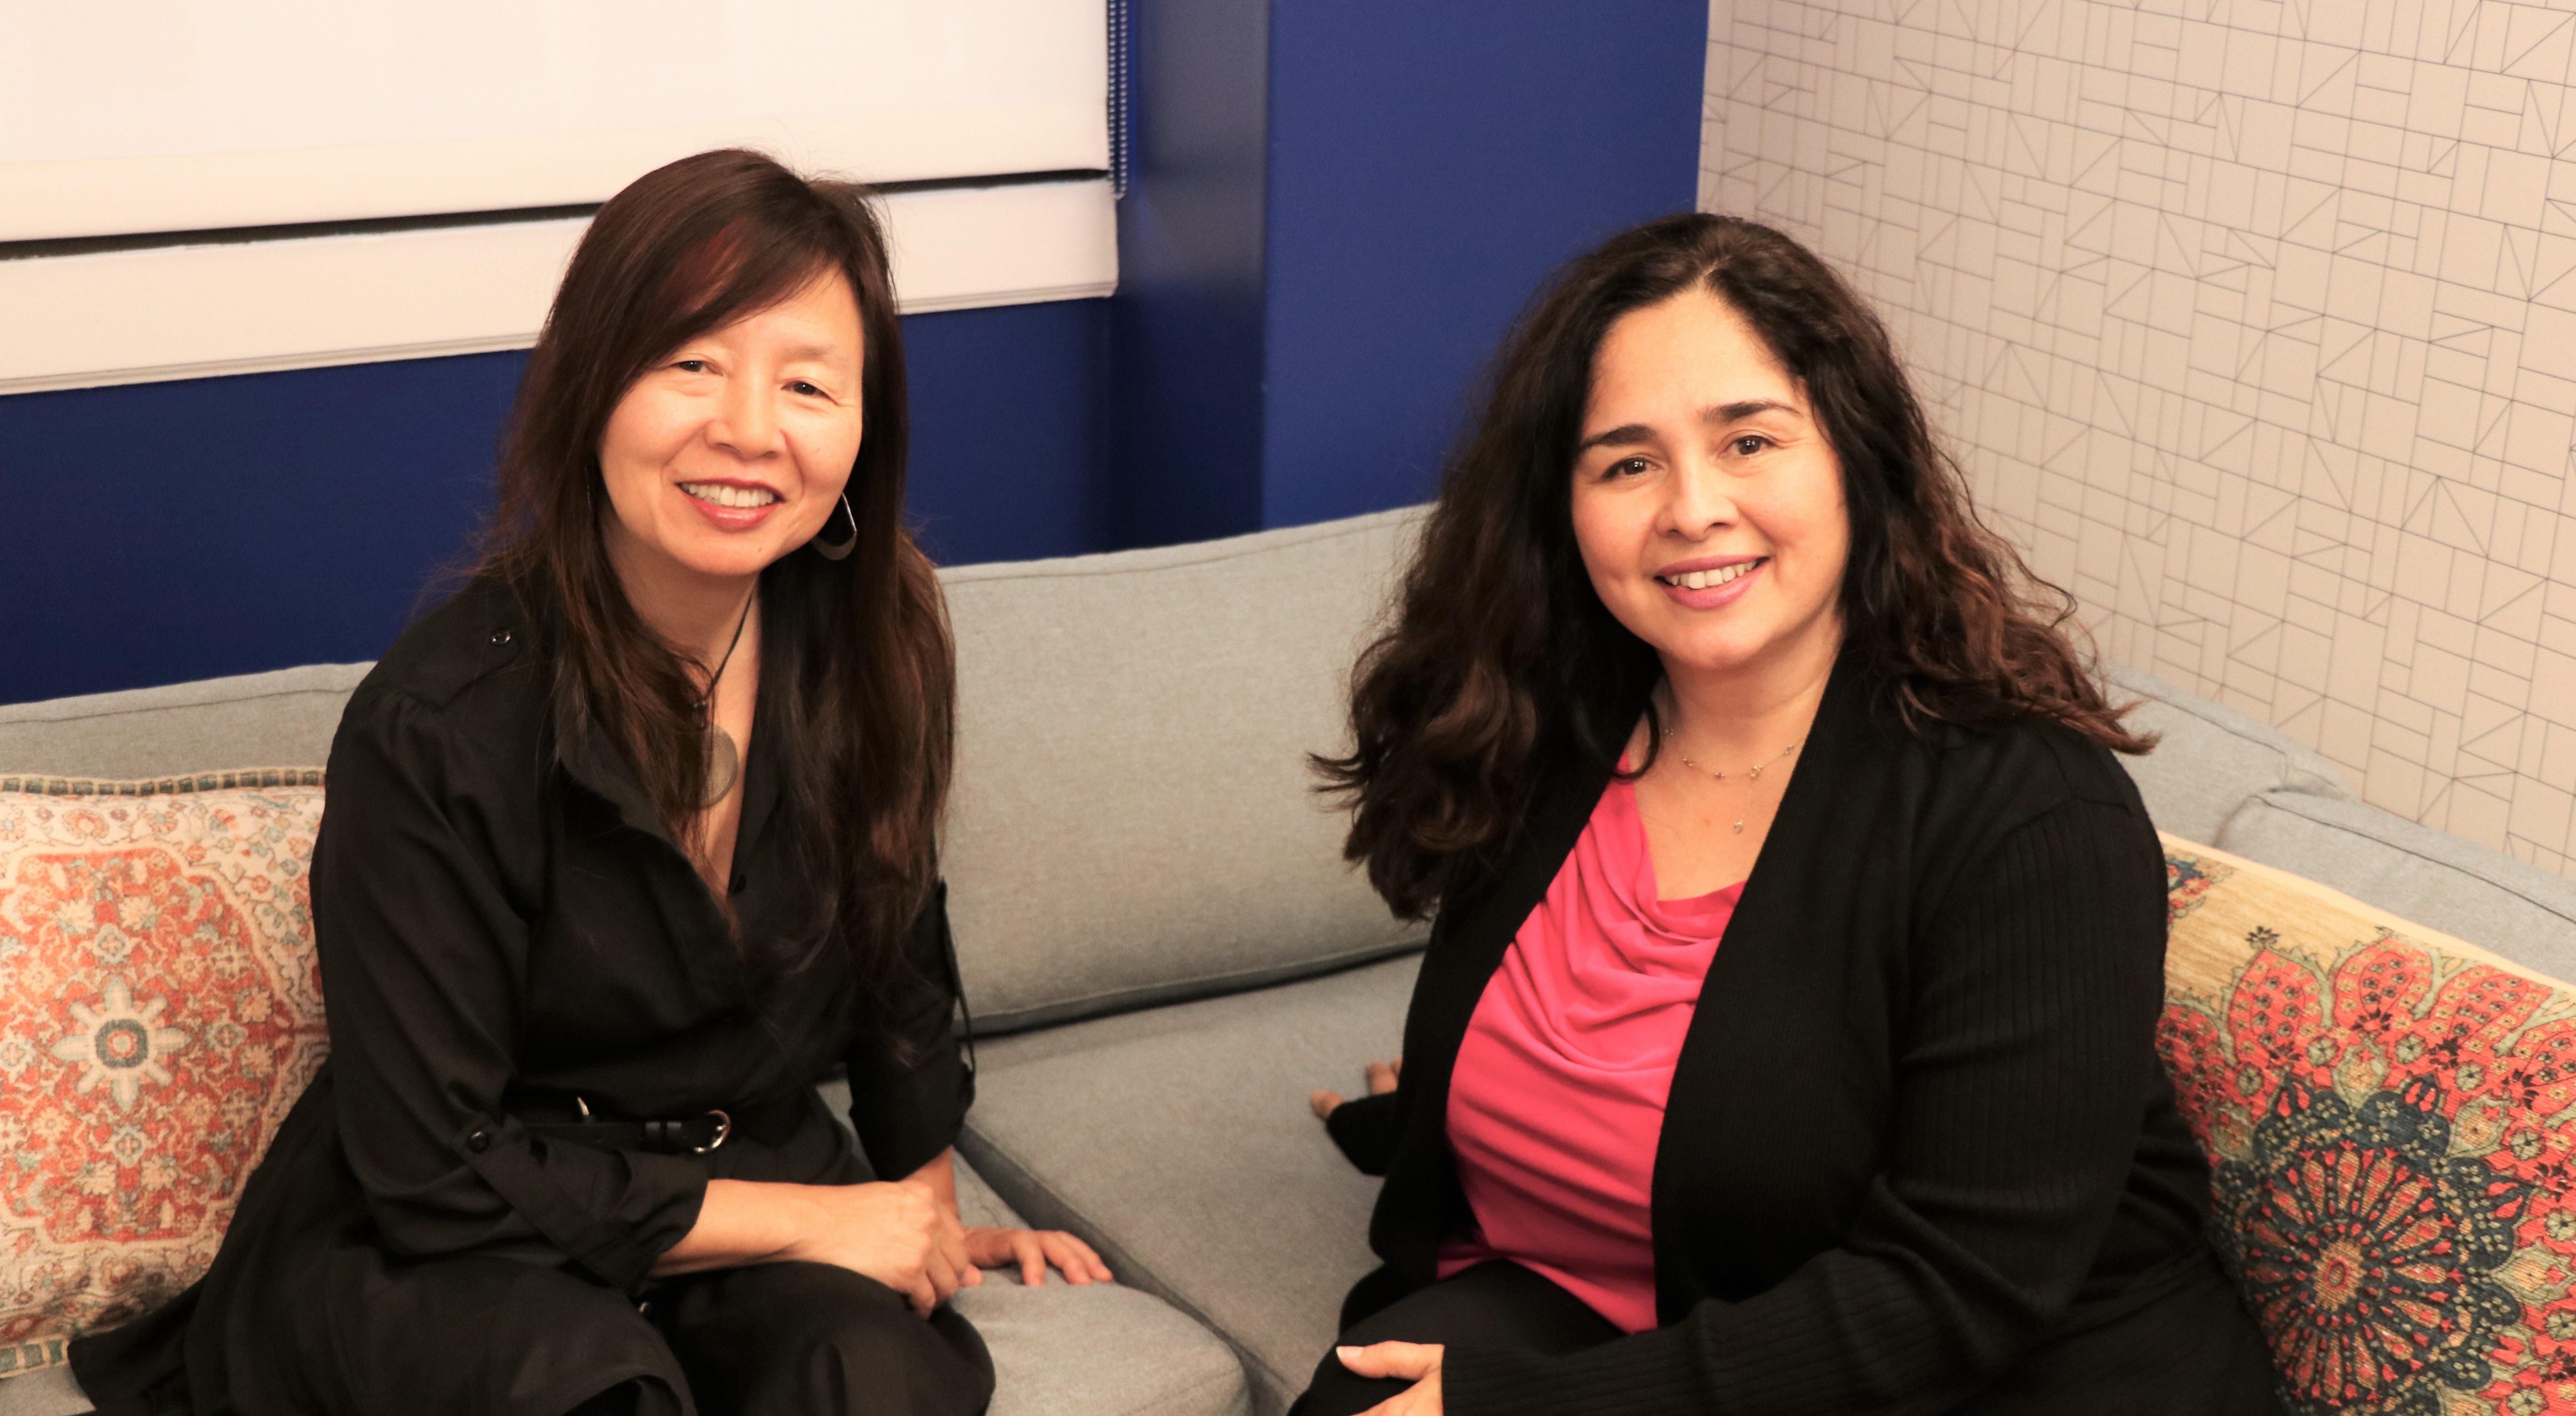 Lucia Corral Pena and Mimi Kim